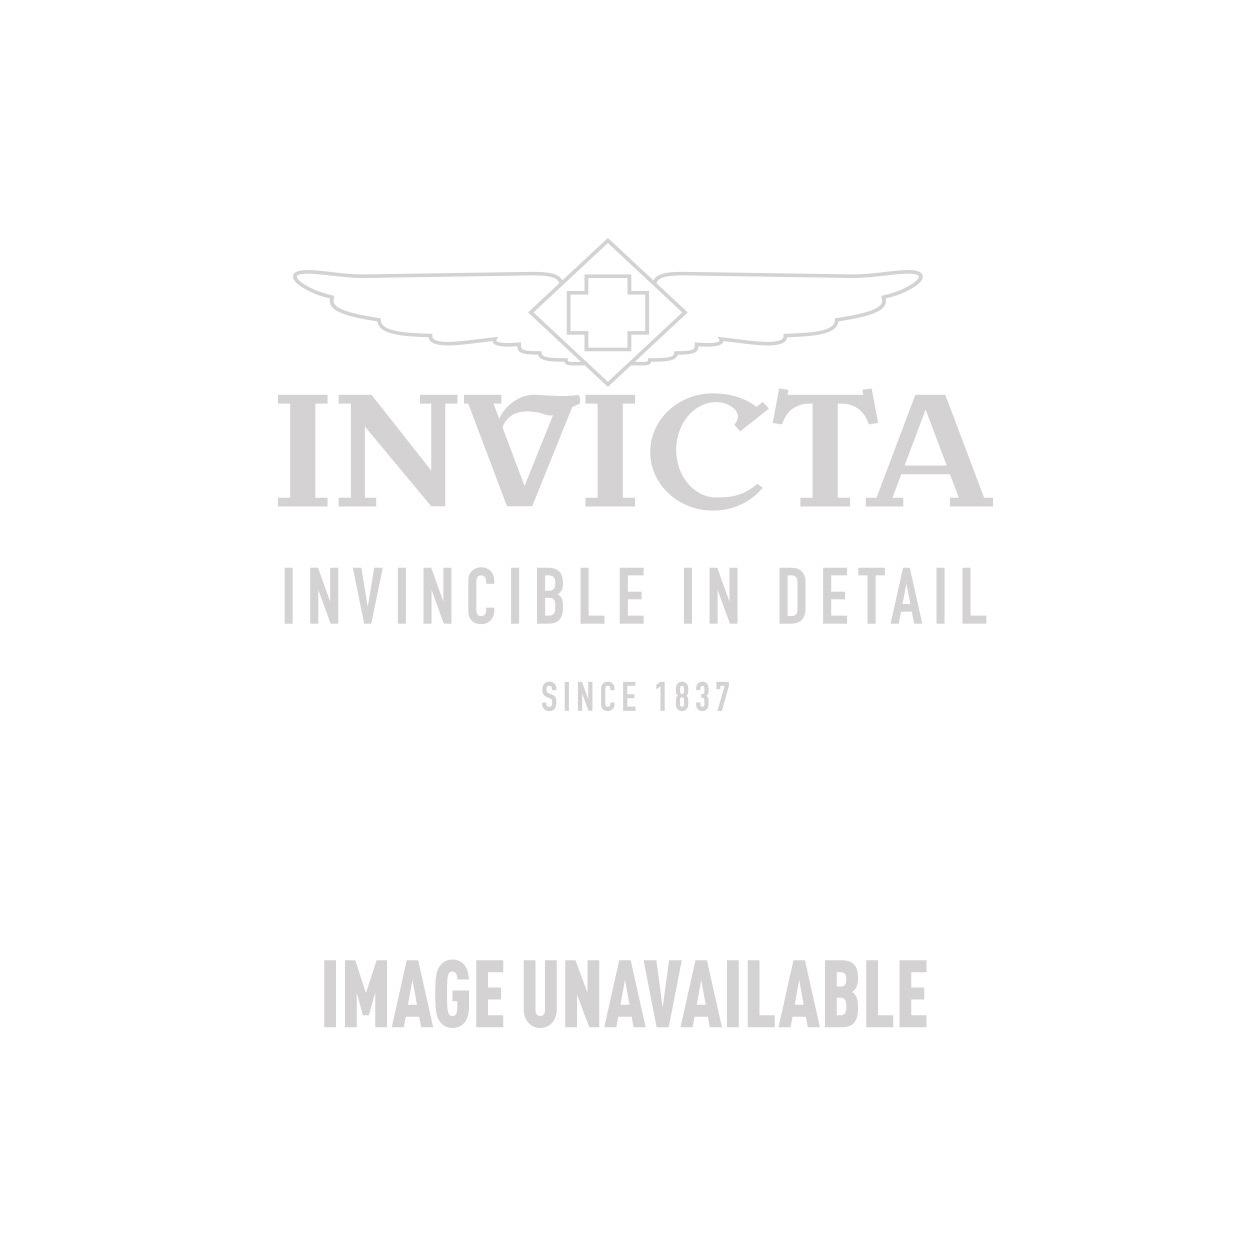 Invicta Model 27881